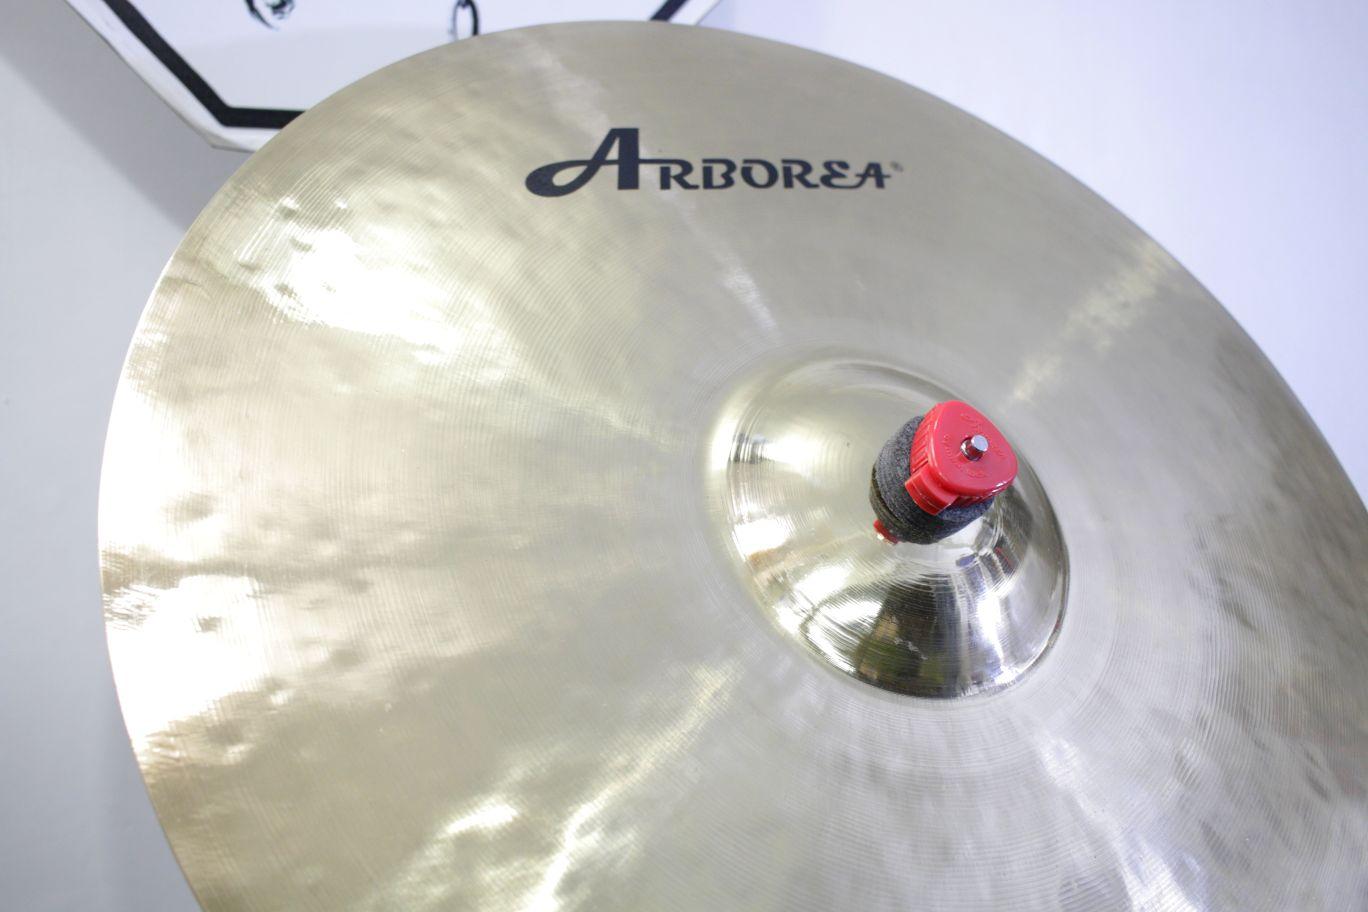 RIDE 21 DRAGON ARBOREA